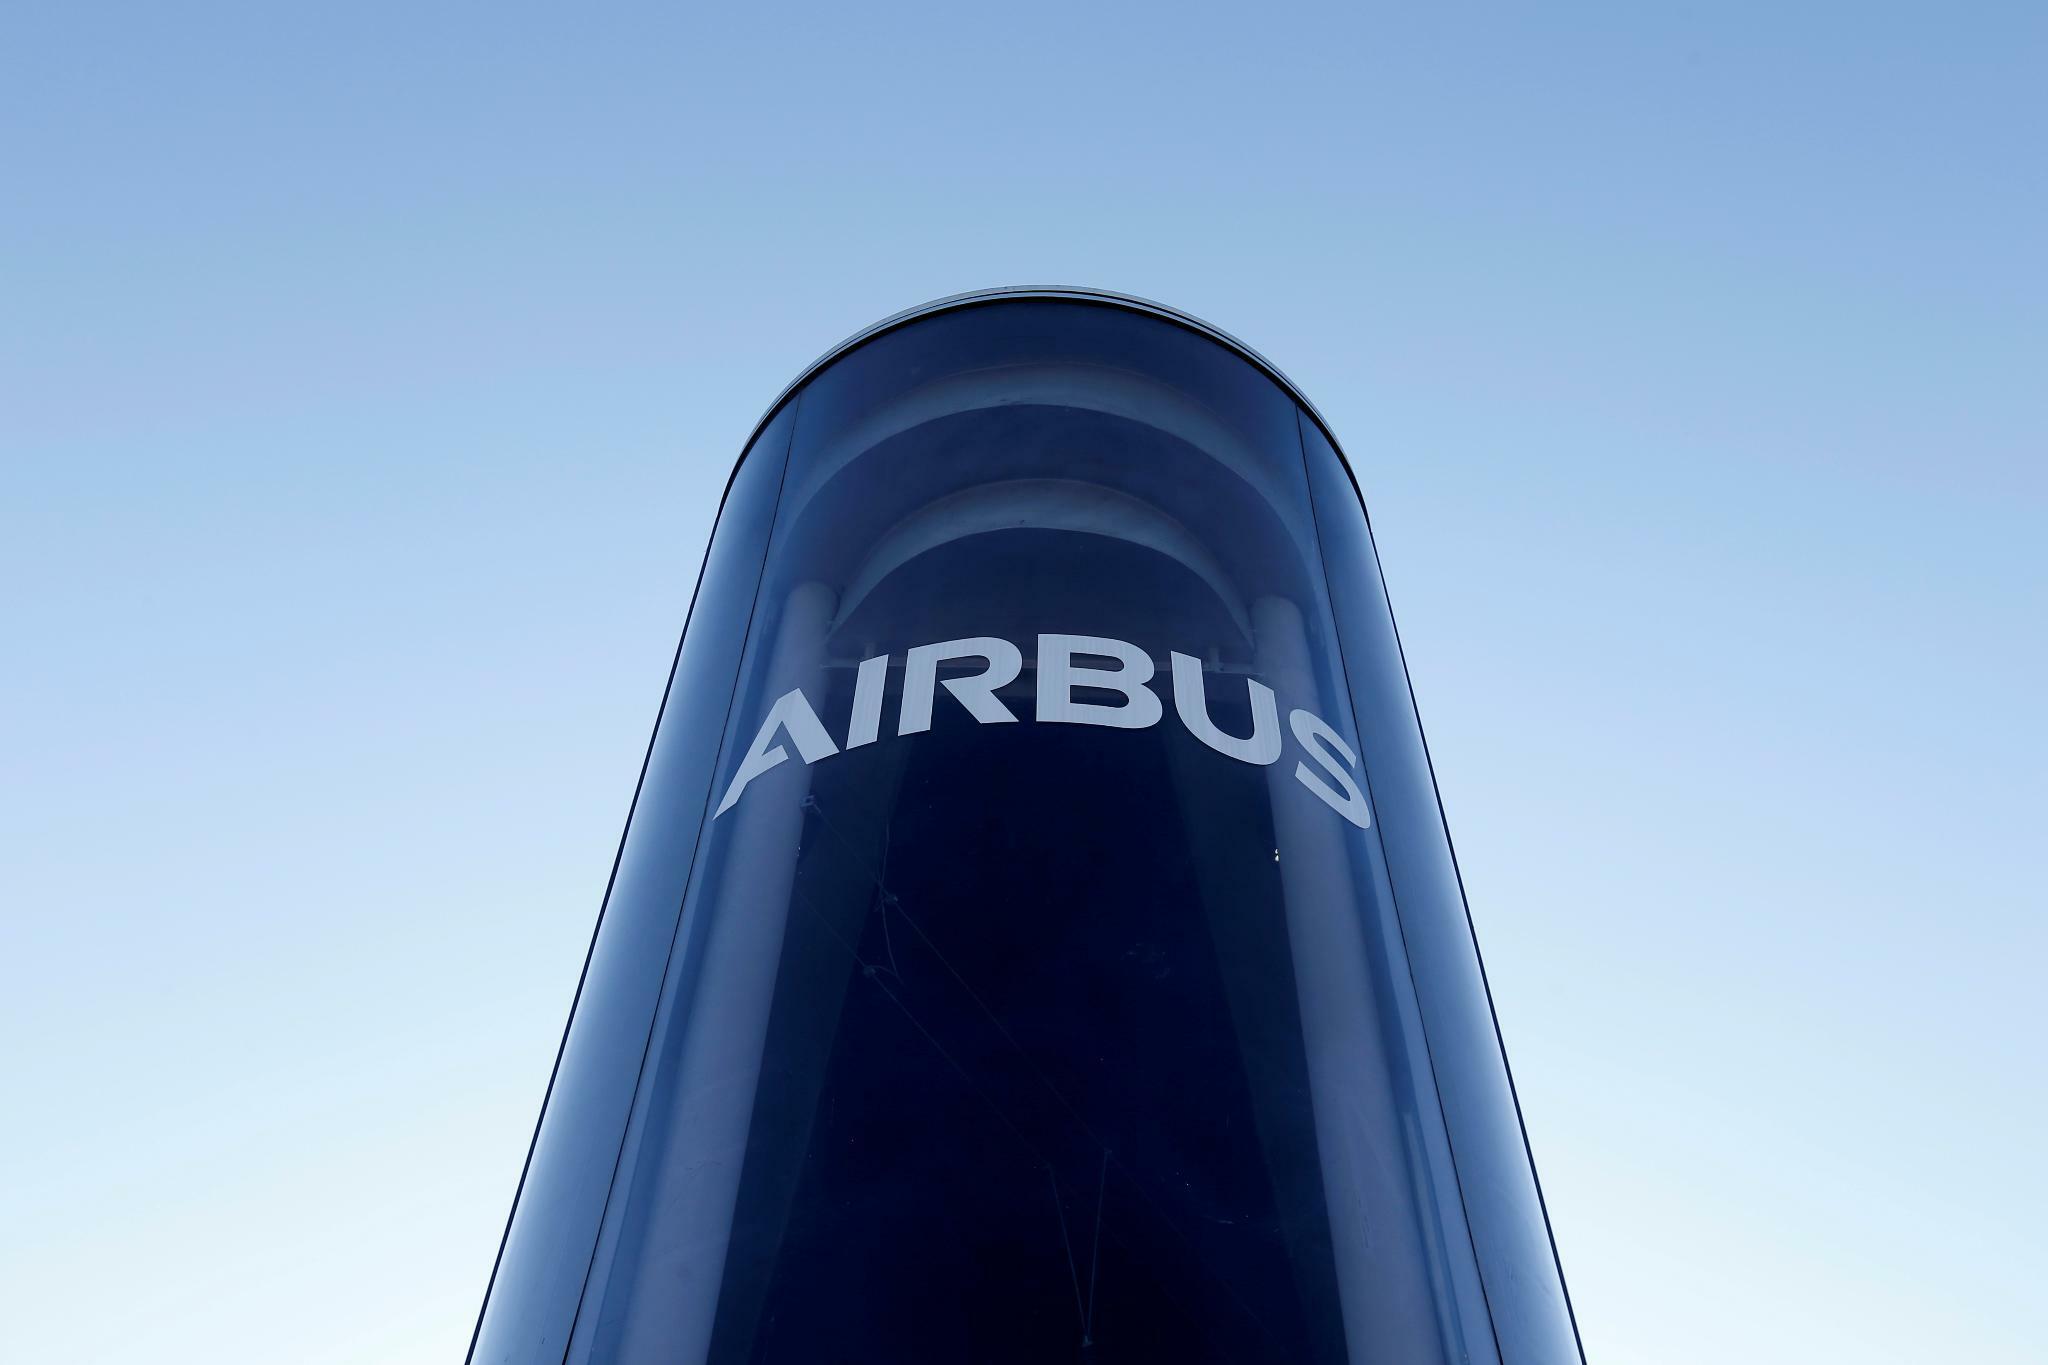 Fluggesellschaft: Airbus einigt sich mit Behörden wegen Korruptionsvorwürfen